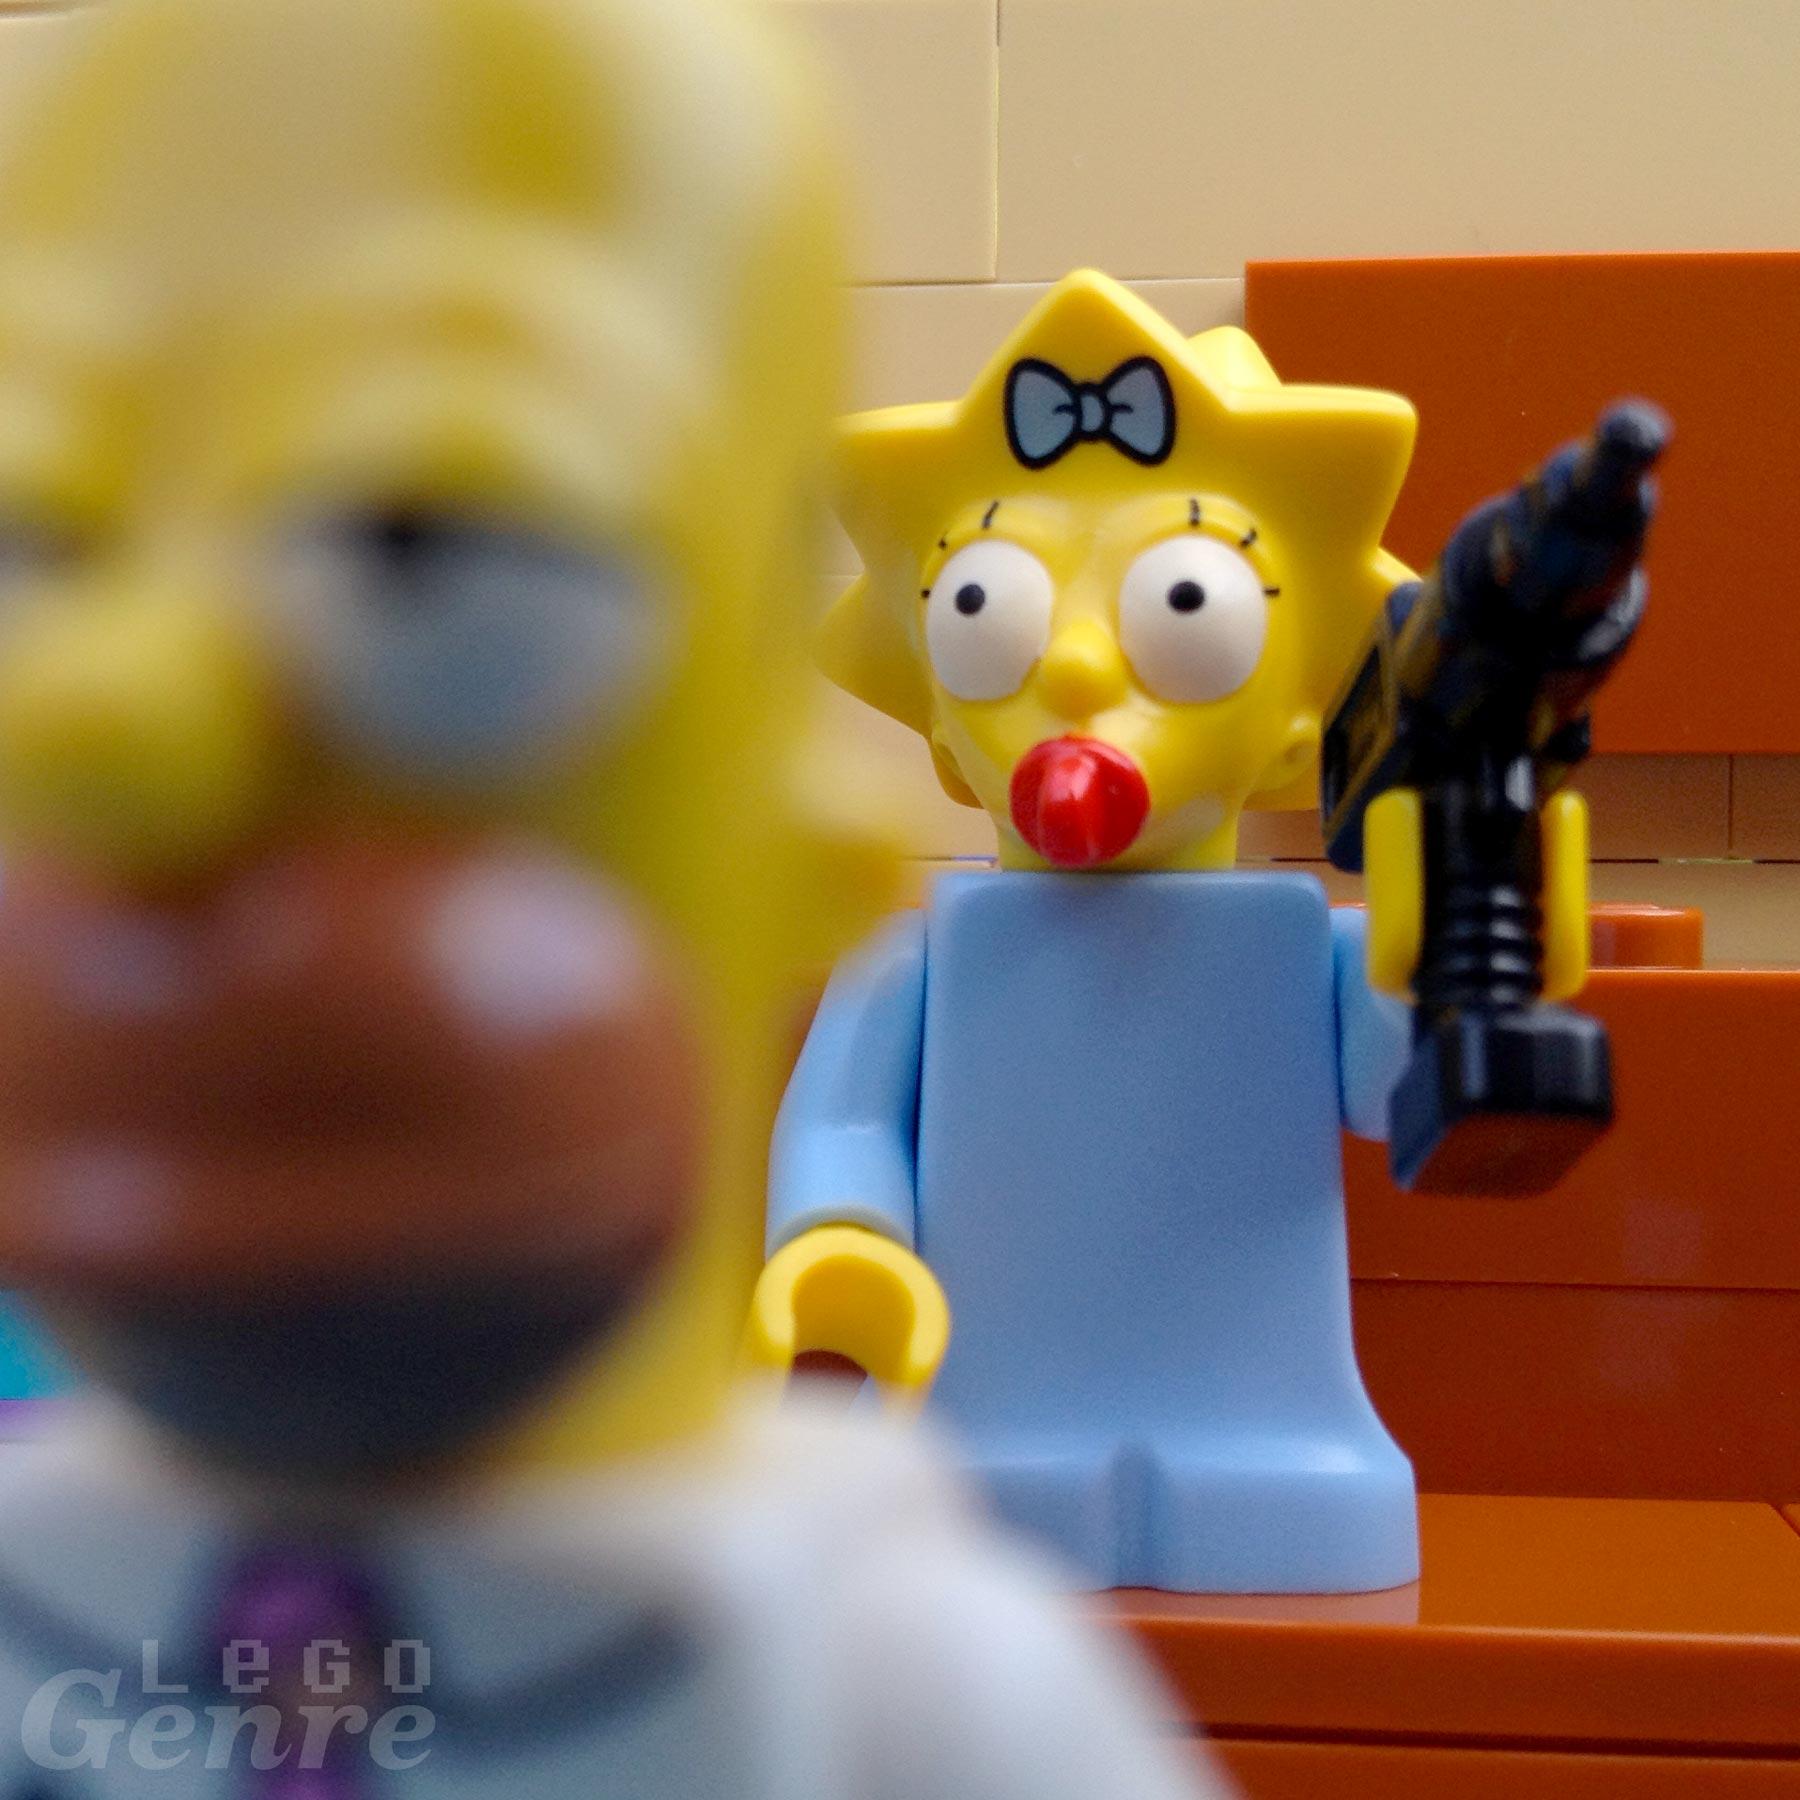 LegoGenre 00353: *suck* *suck* *suck*